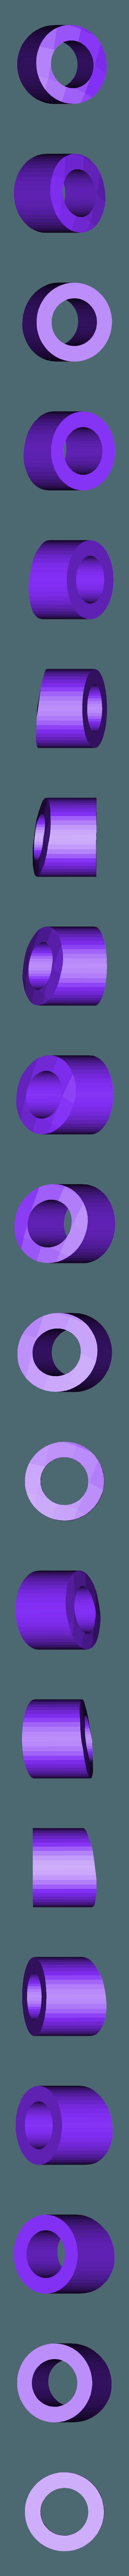 higgsA0.stl Télécharger fichier STL gratuit Modèle standard super-symétrique minimal bosons de Higgs • Objet imprimable en 3D, Mostlydecaf